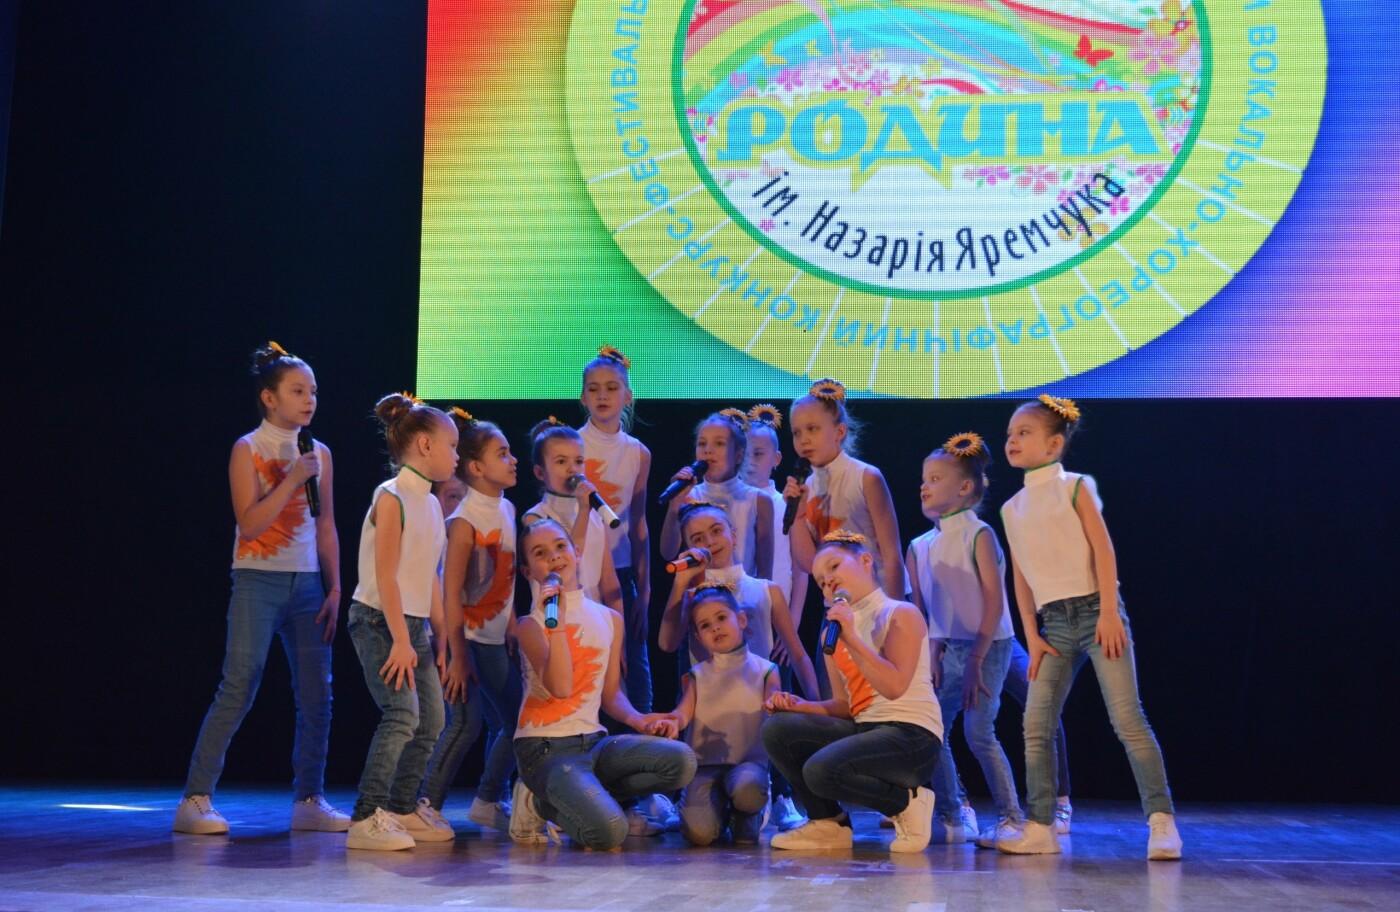 Білоцерківський ансамбль «Співограй» став переможцем Всекраїнського конкурсу , фото-2